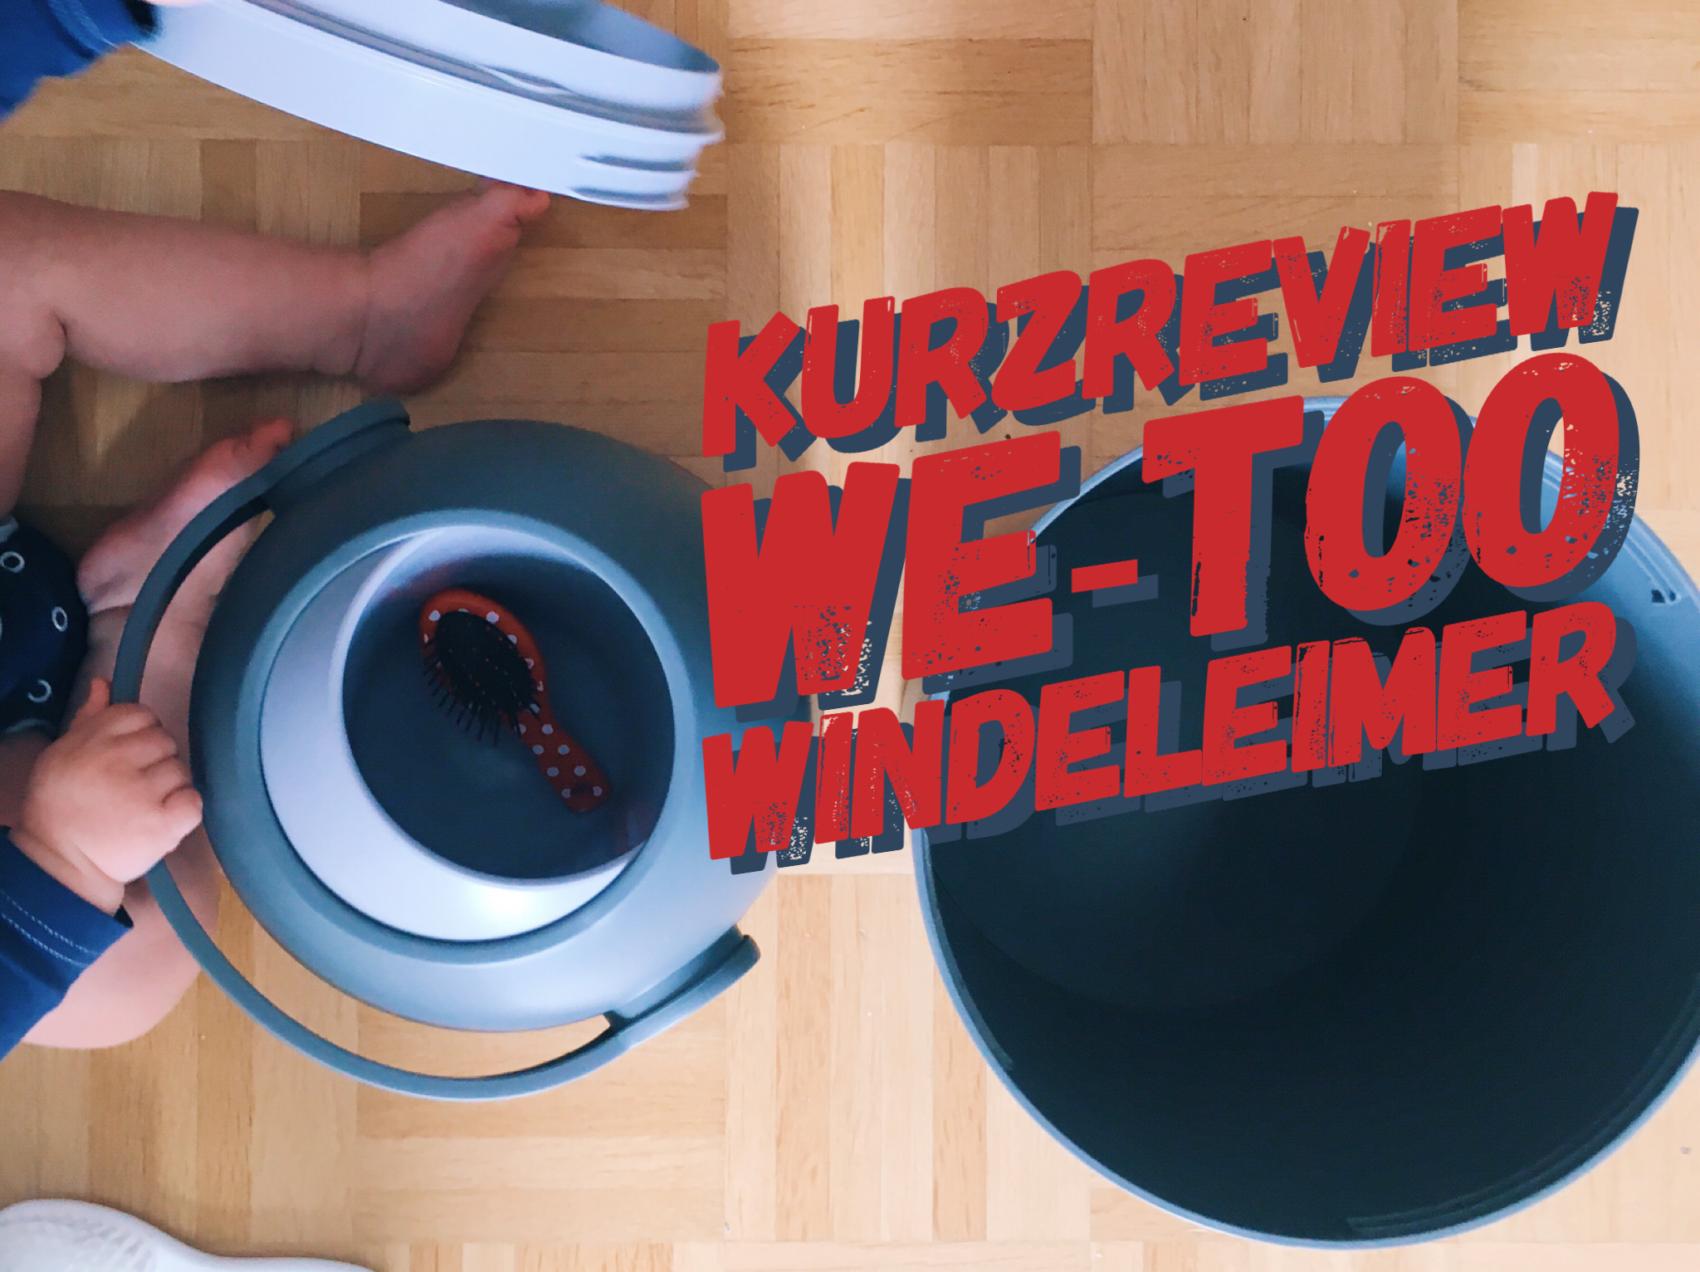 f3899149ee5cd8 (Werbung) Kurzreview We-Too Windeleimer